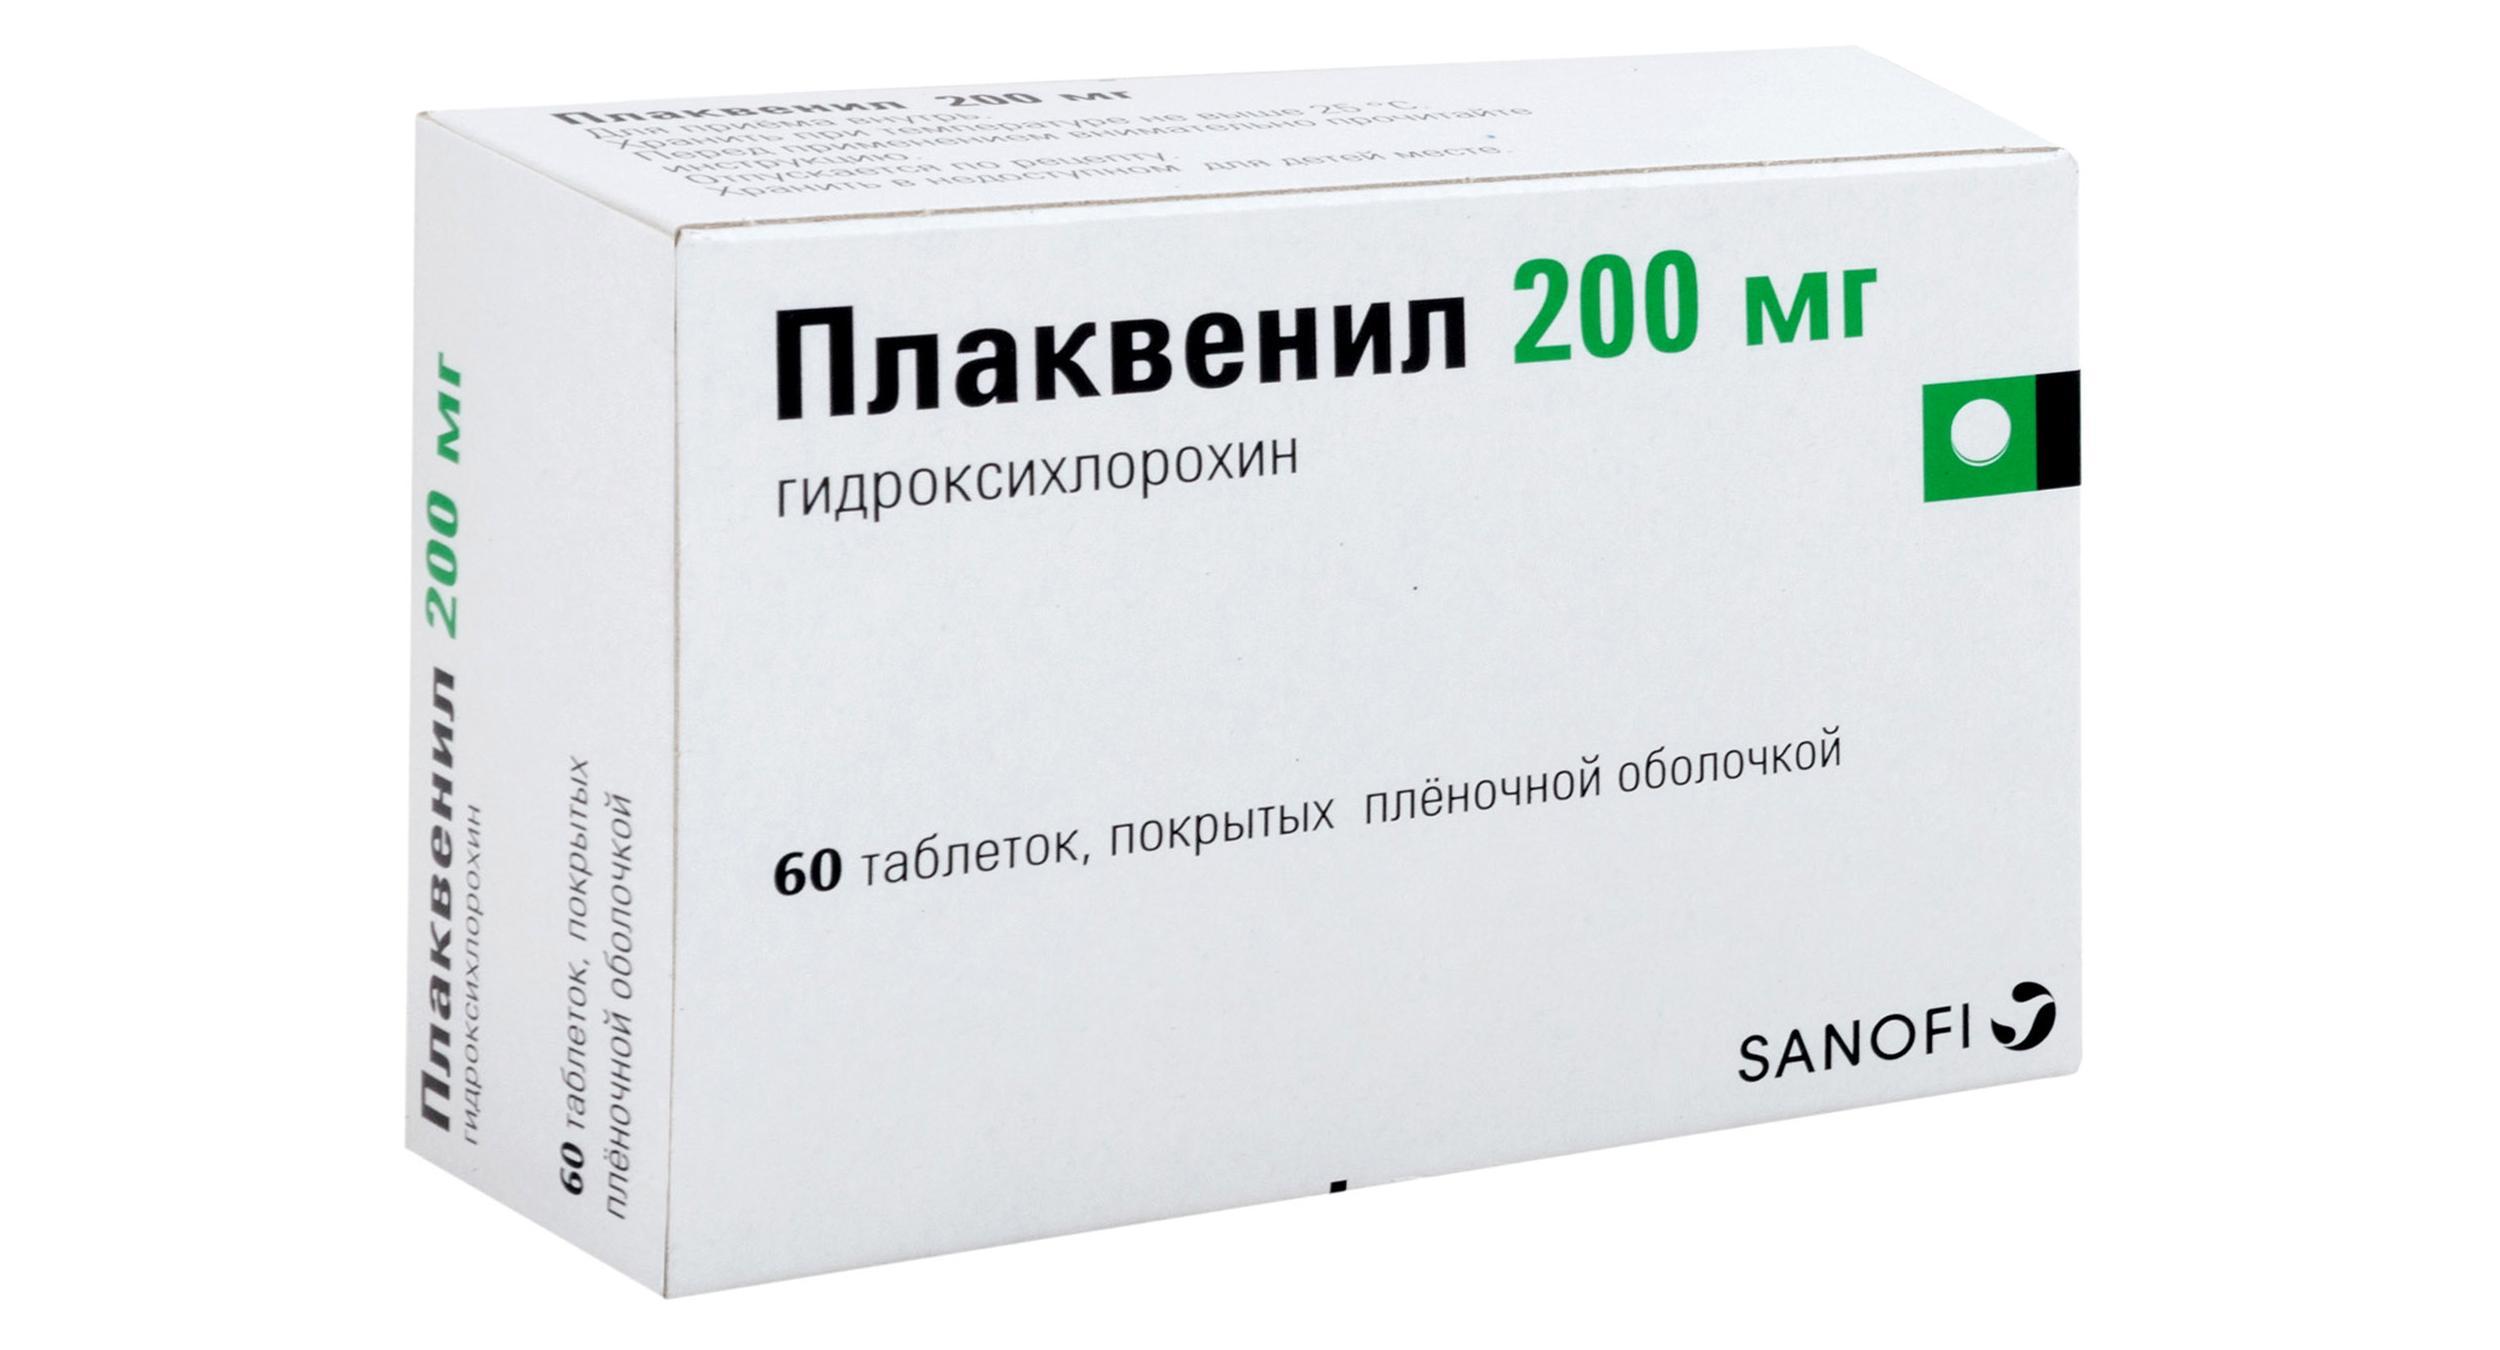 Утверждать, что сочетание гидроксихлорохина и азитромицина вылечивает COVID-19, преждевременно